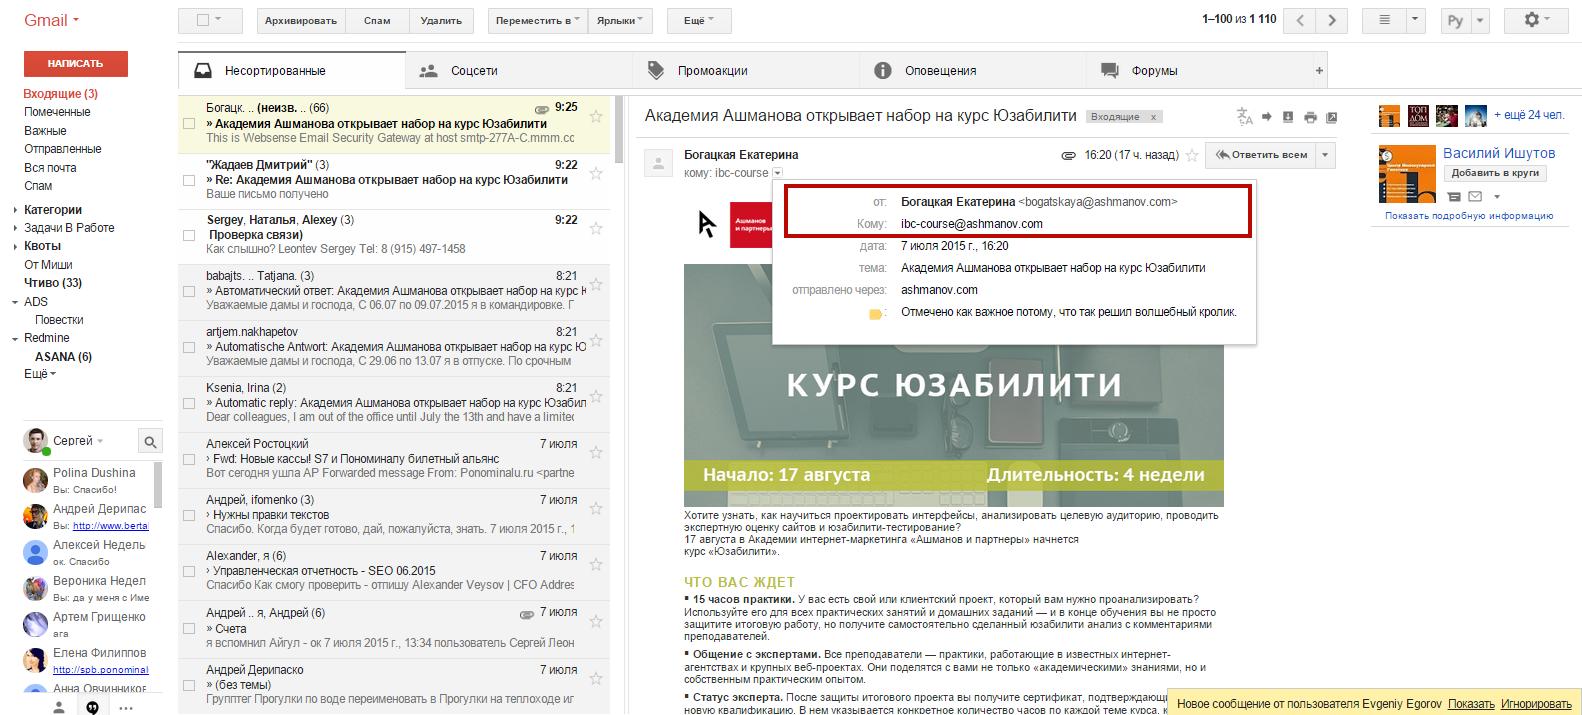 Сотрудники «Ашманов и партнеры» не умеют пользоваться «скрытой копией» в рассылках? - 1